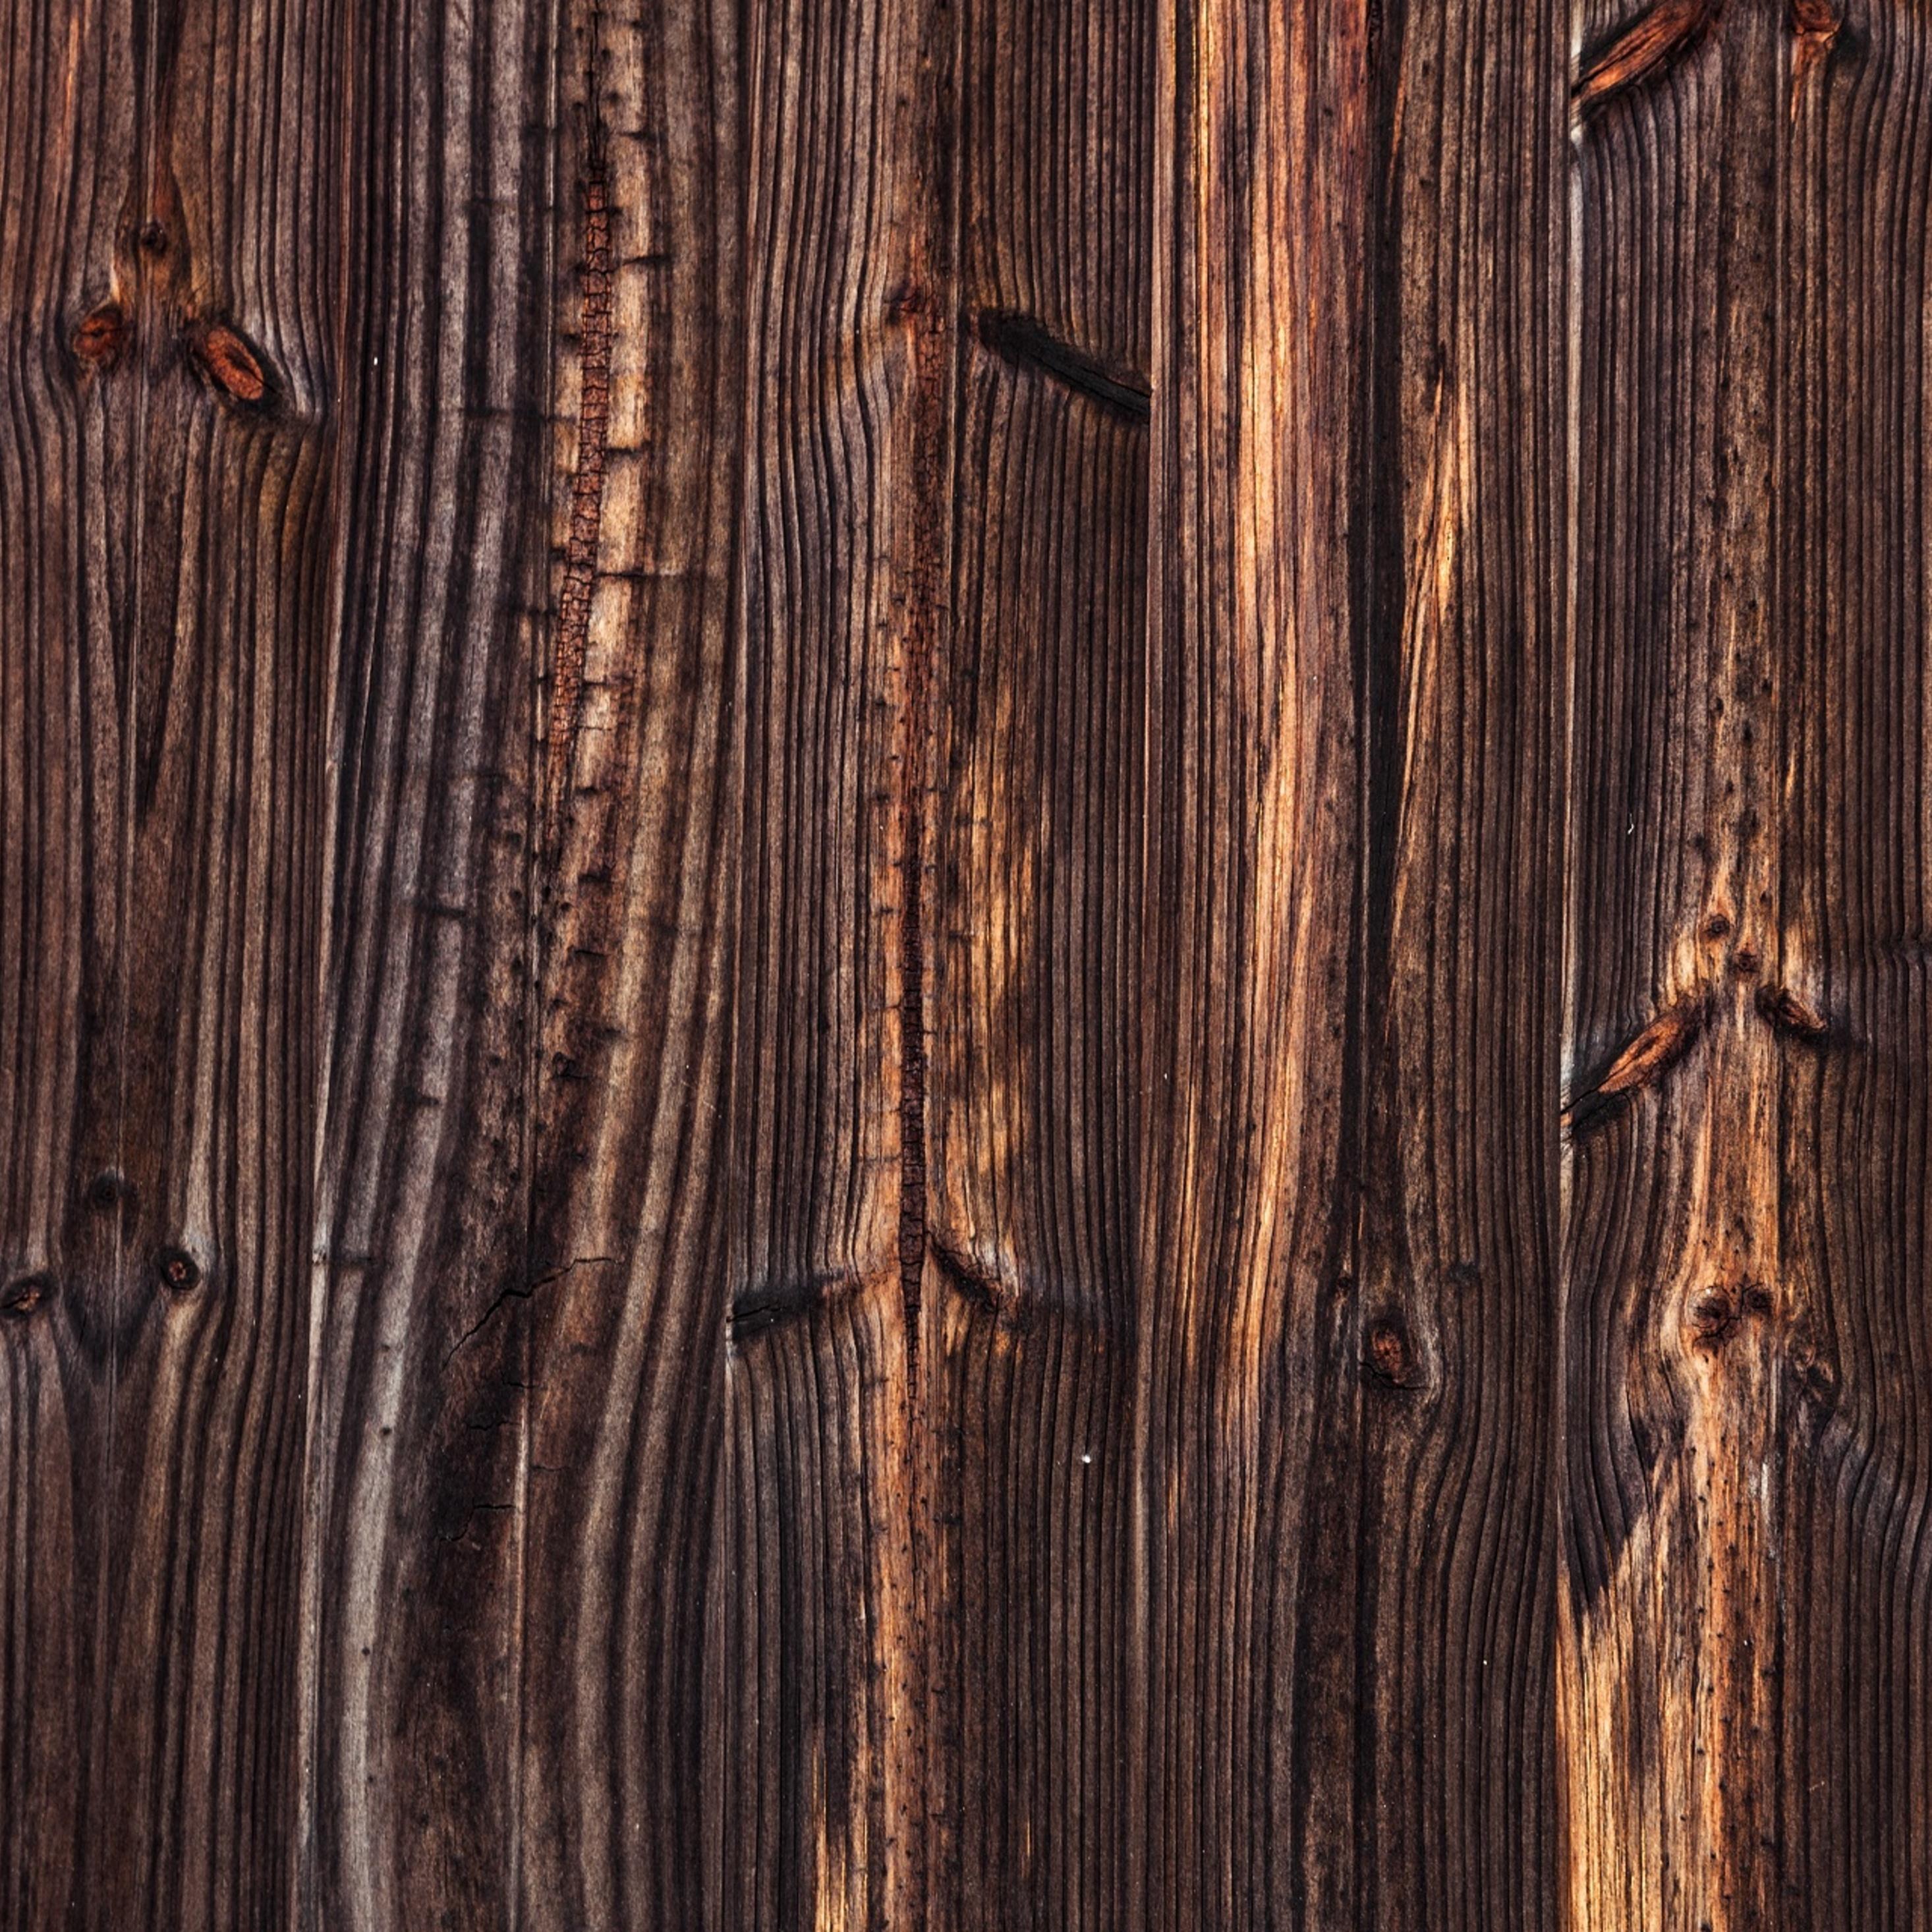 2932x2932 Wood Pattern Ipad Pro Retina Display Hd 4k Wallpapers